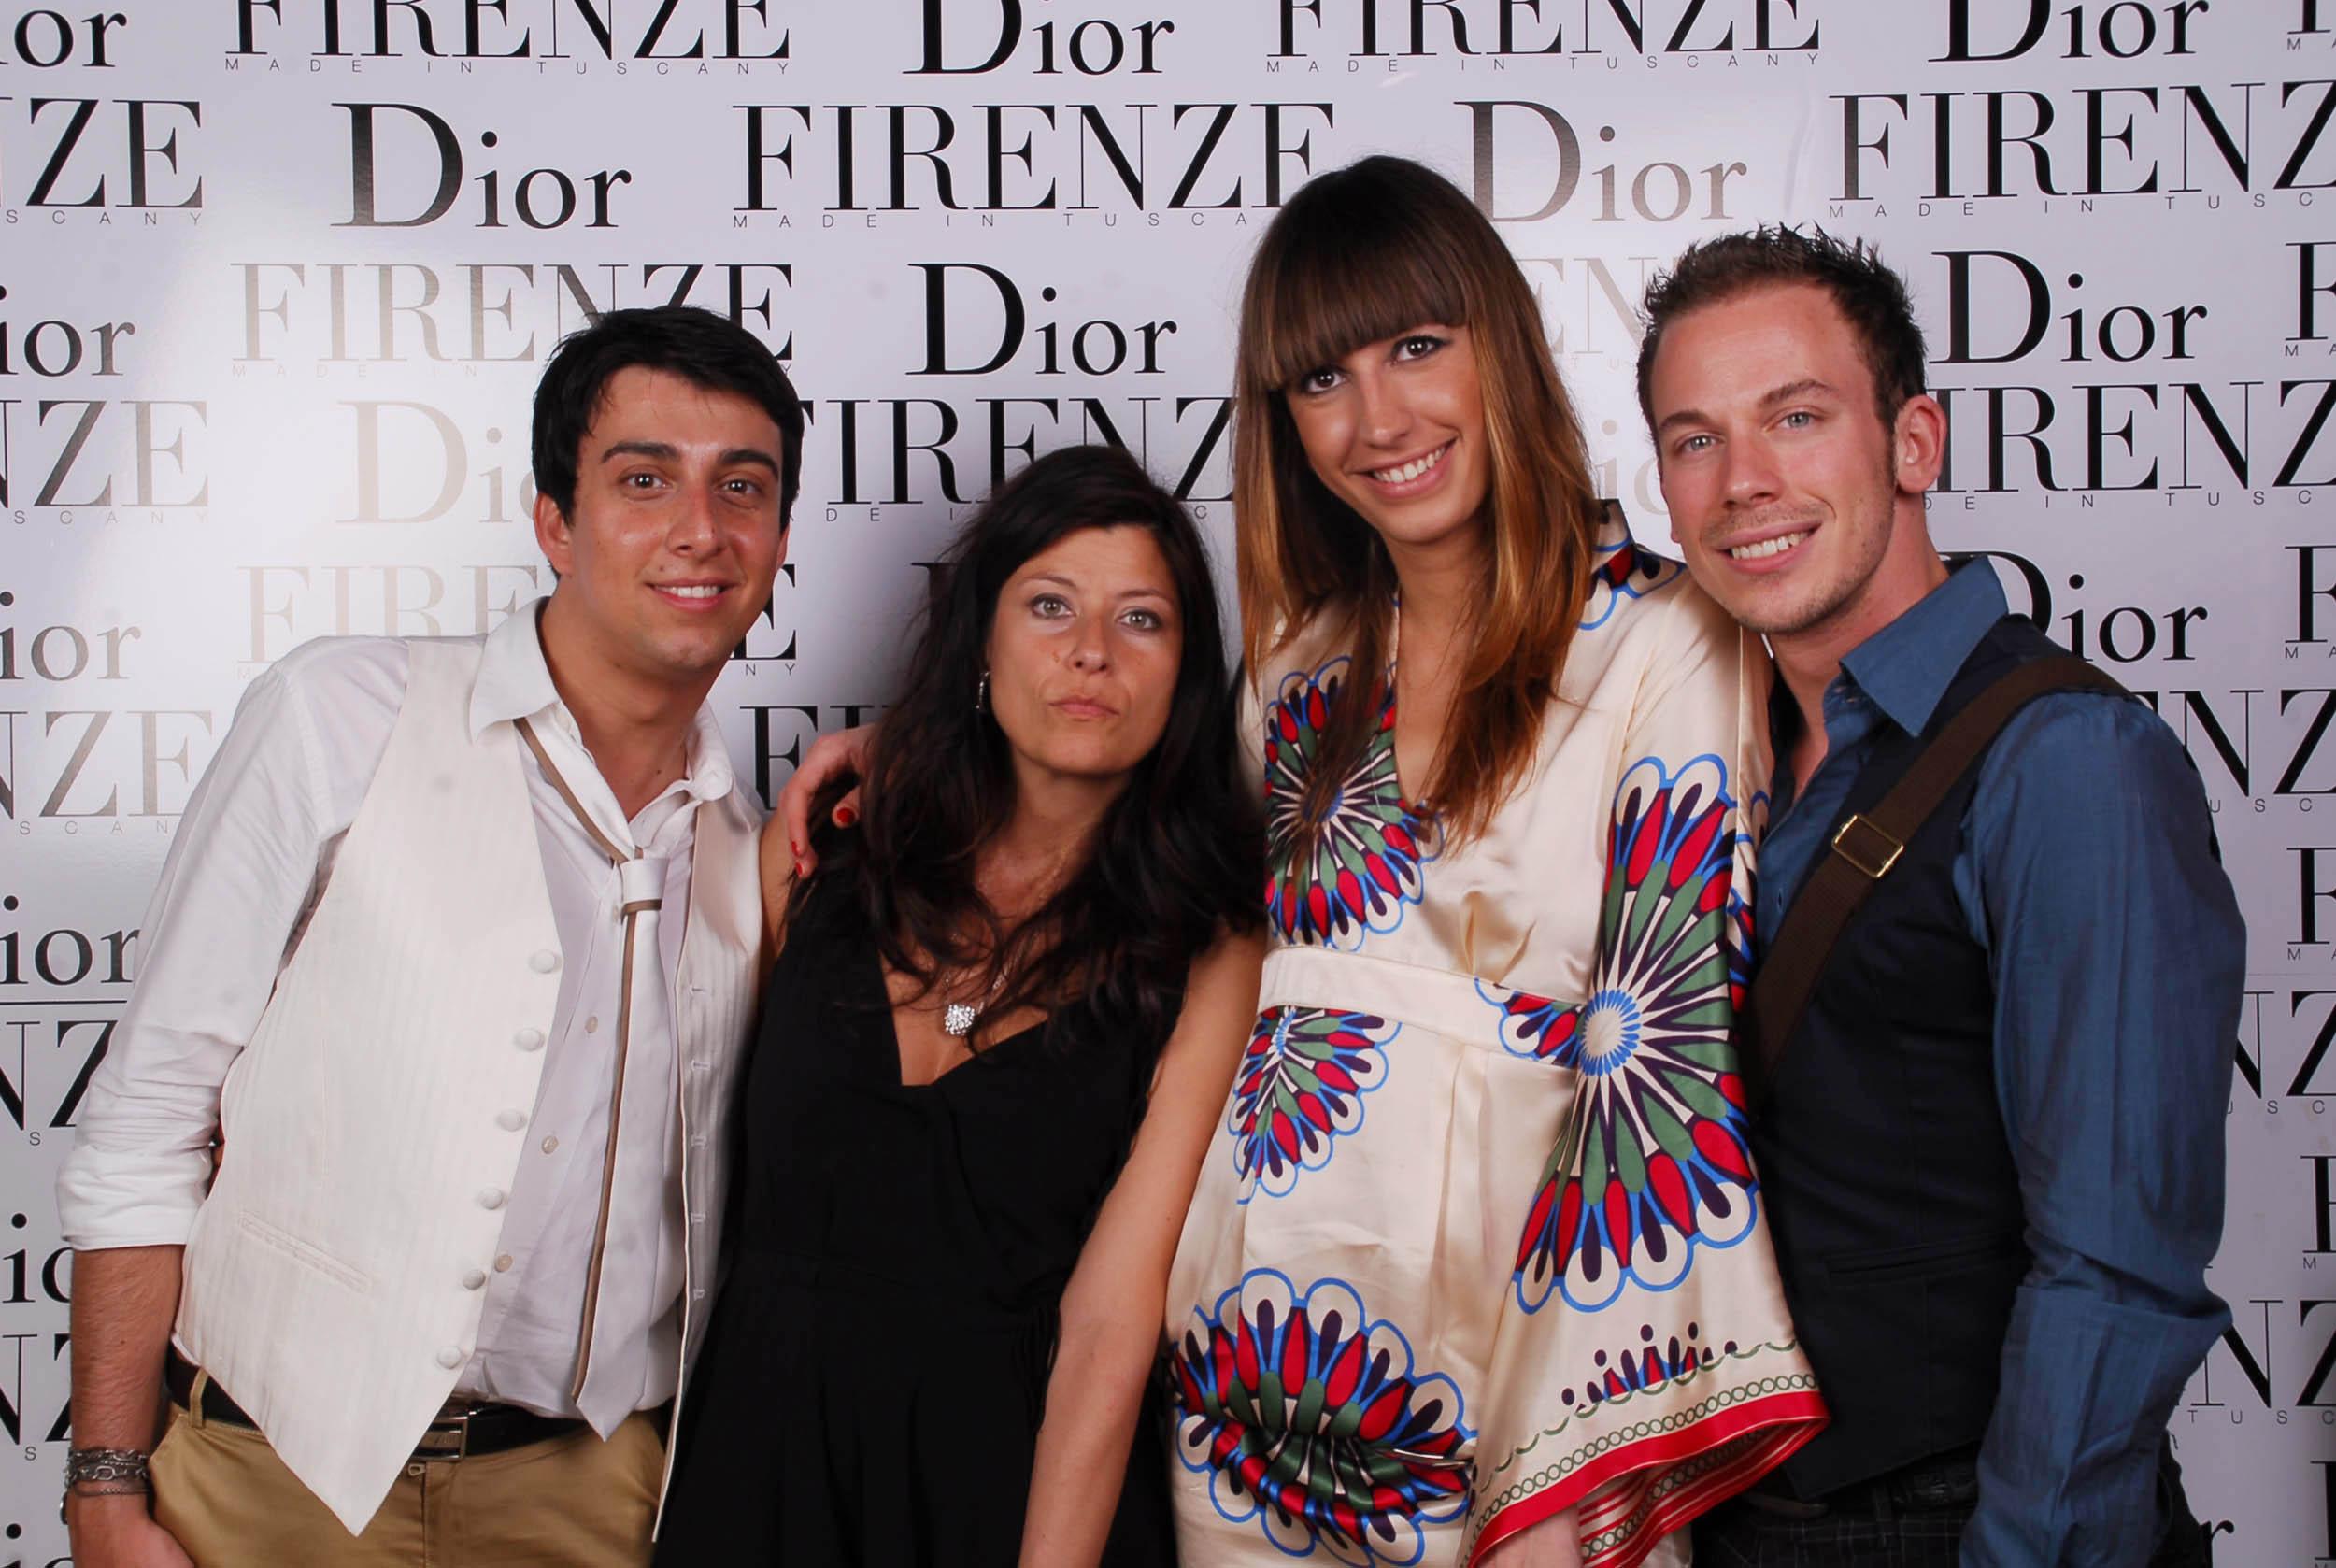 PRESSPHOTO  Firenze, evento Dior al teatro romano di Fiesole. Nella foto Leonardo Cesari, Cristina Sbrana, Domenico Lavanga e Sara Pieralli